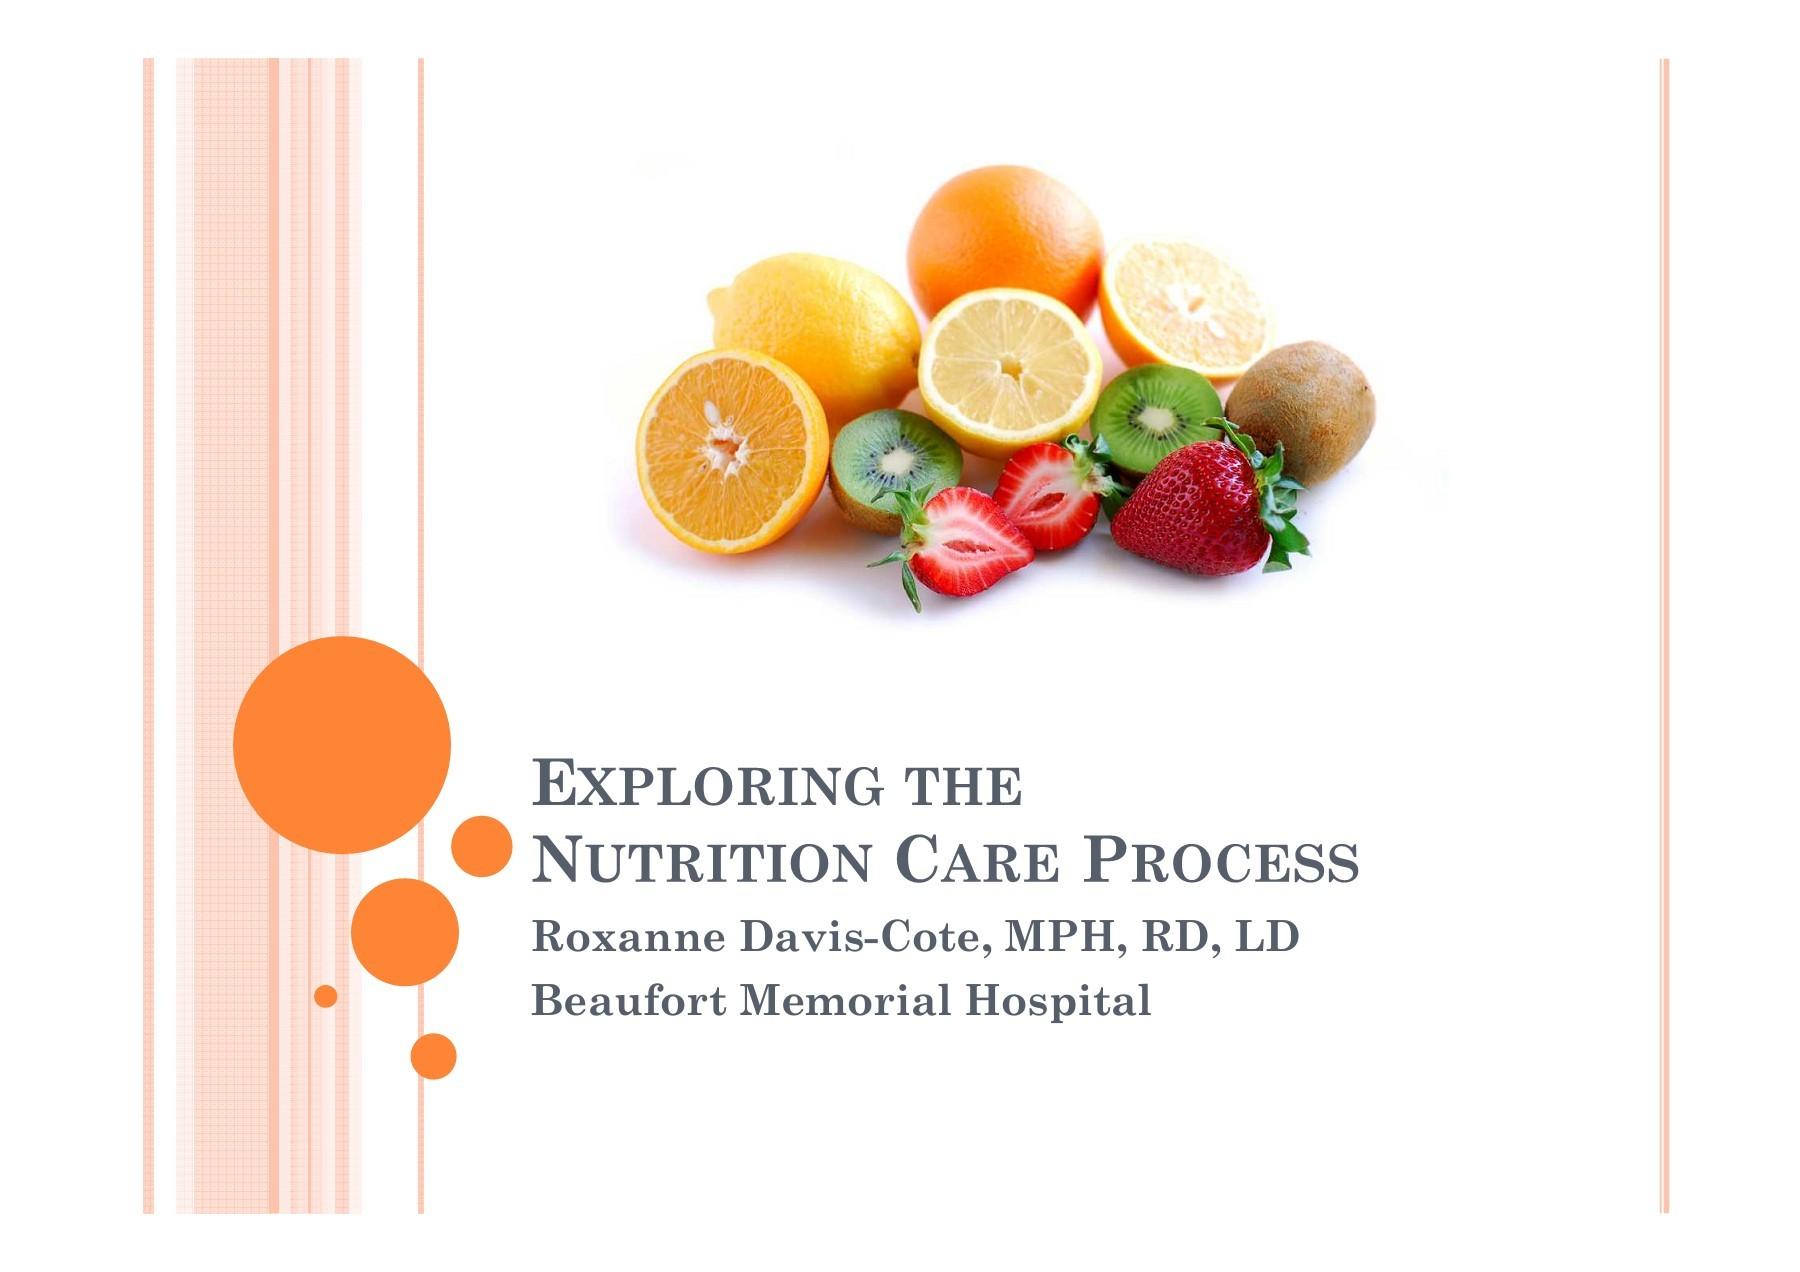 Exploring the Nutrition Care Process - MUSC Health | Focusky